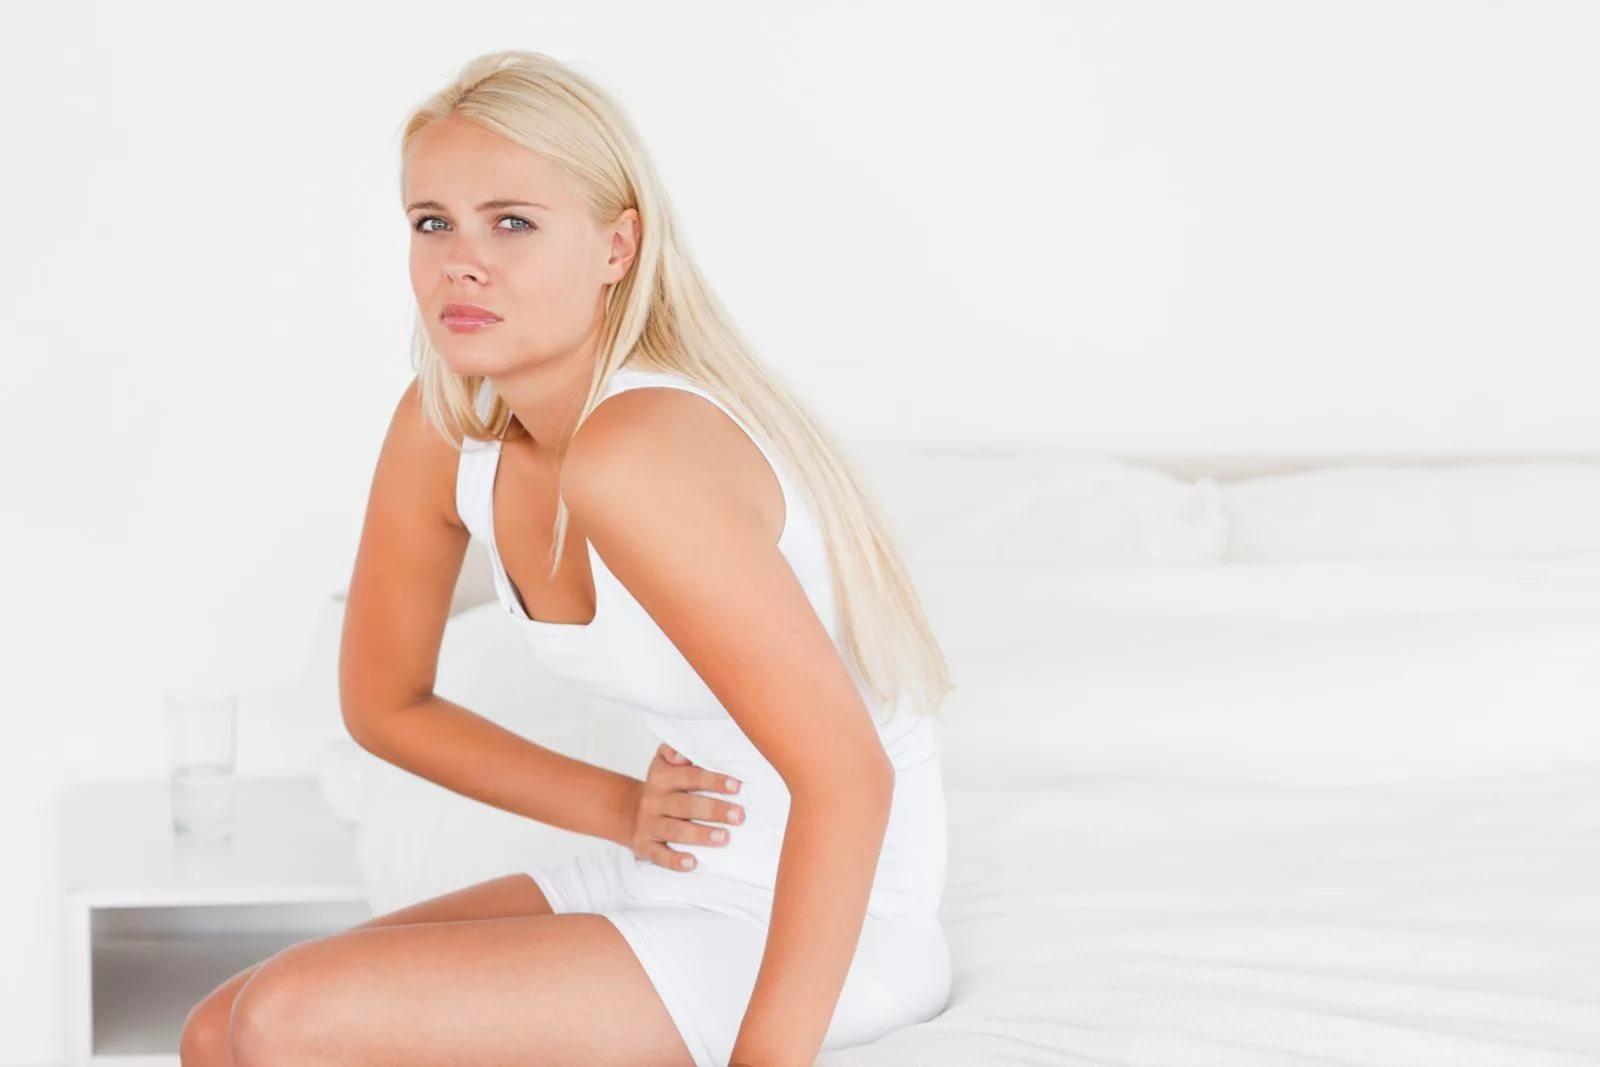 Киста и миома матки симптомы. Симптомы, которыми проявляют себя миома матки и киста яичника